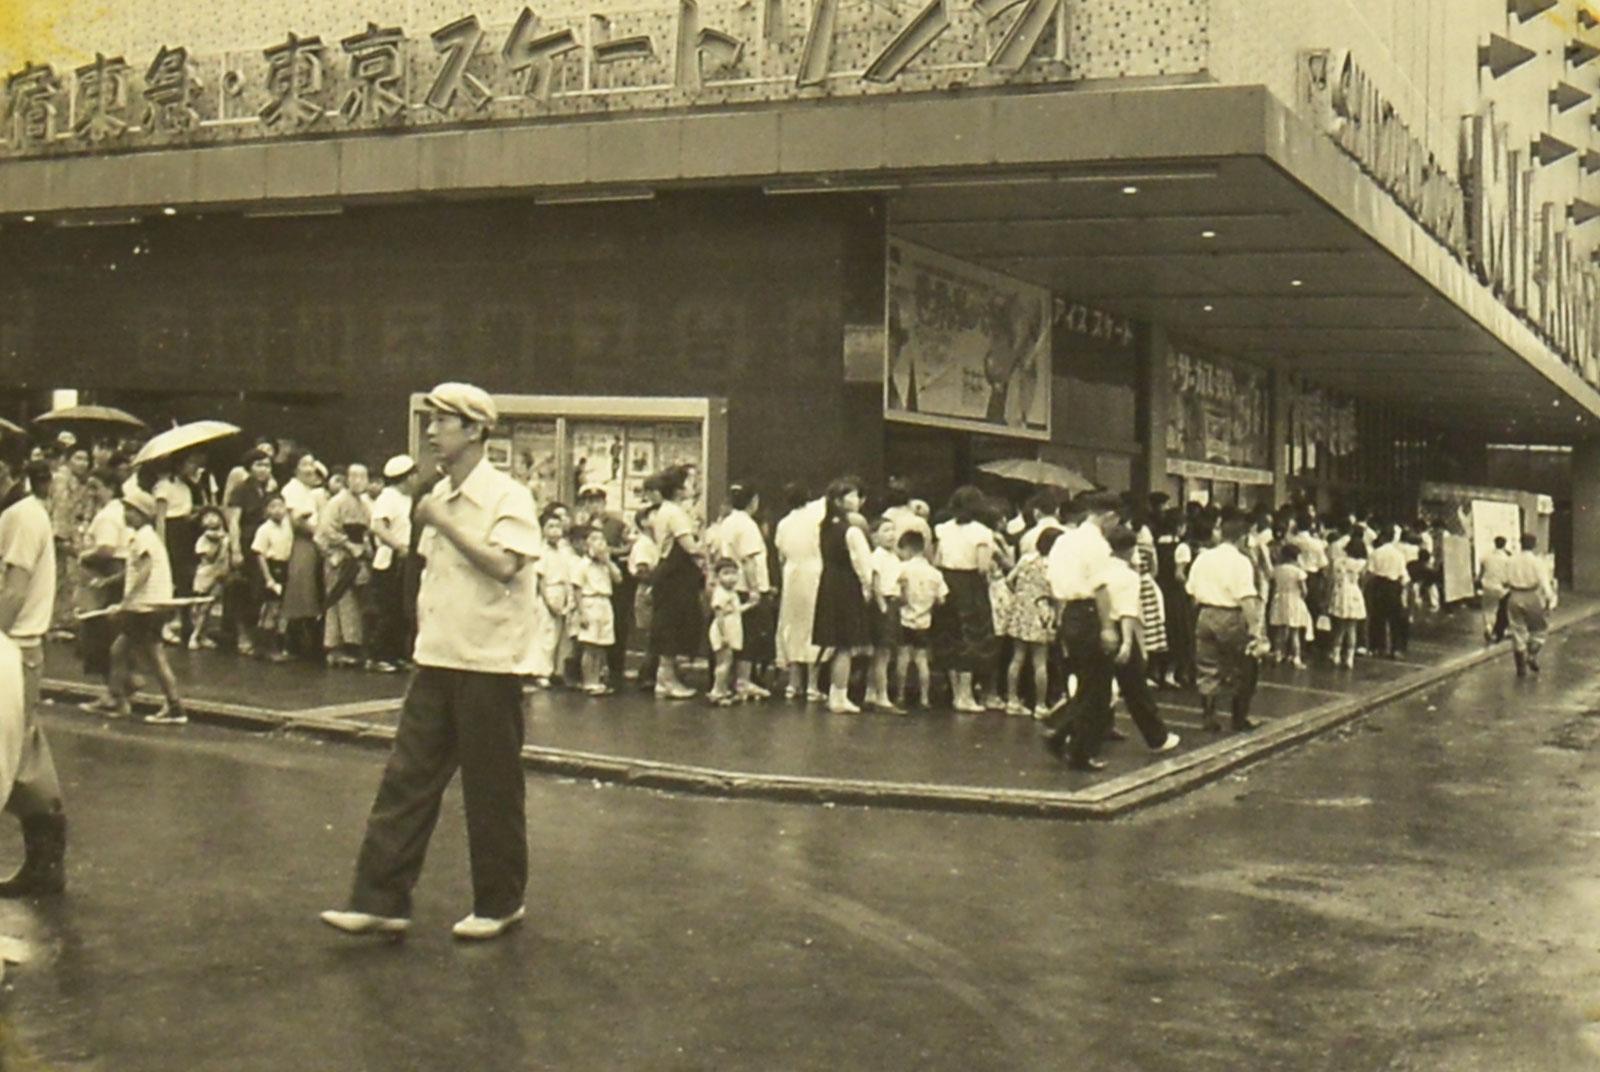 かつて「新宿TOKYU MILANO」に併設され人気を博したスケートリンク(外観) 資料提供先・所蔵先 東急レクリエーション